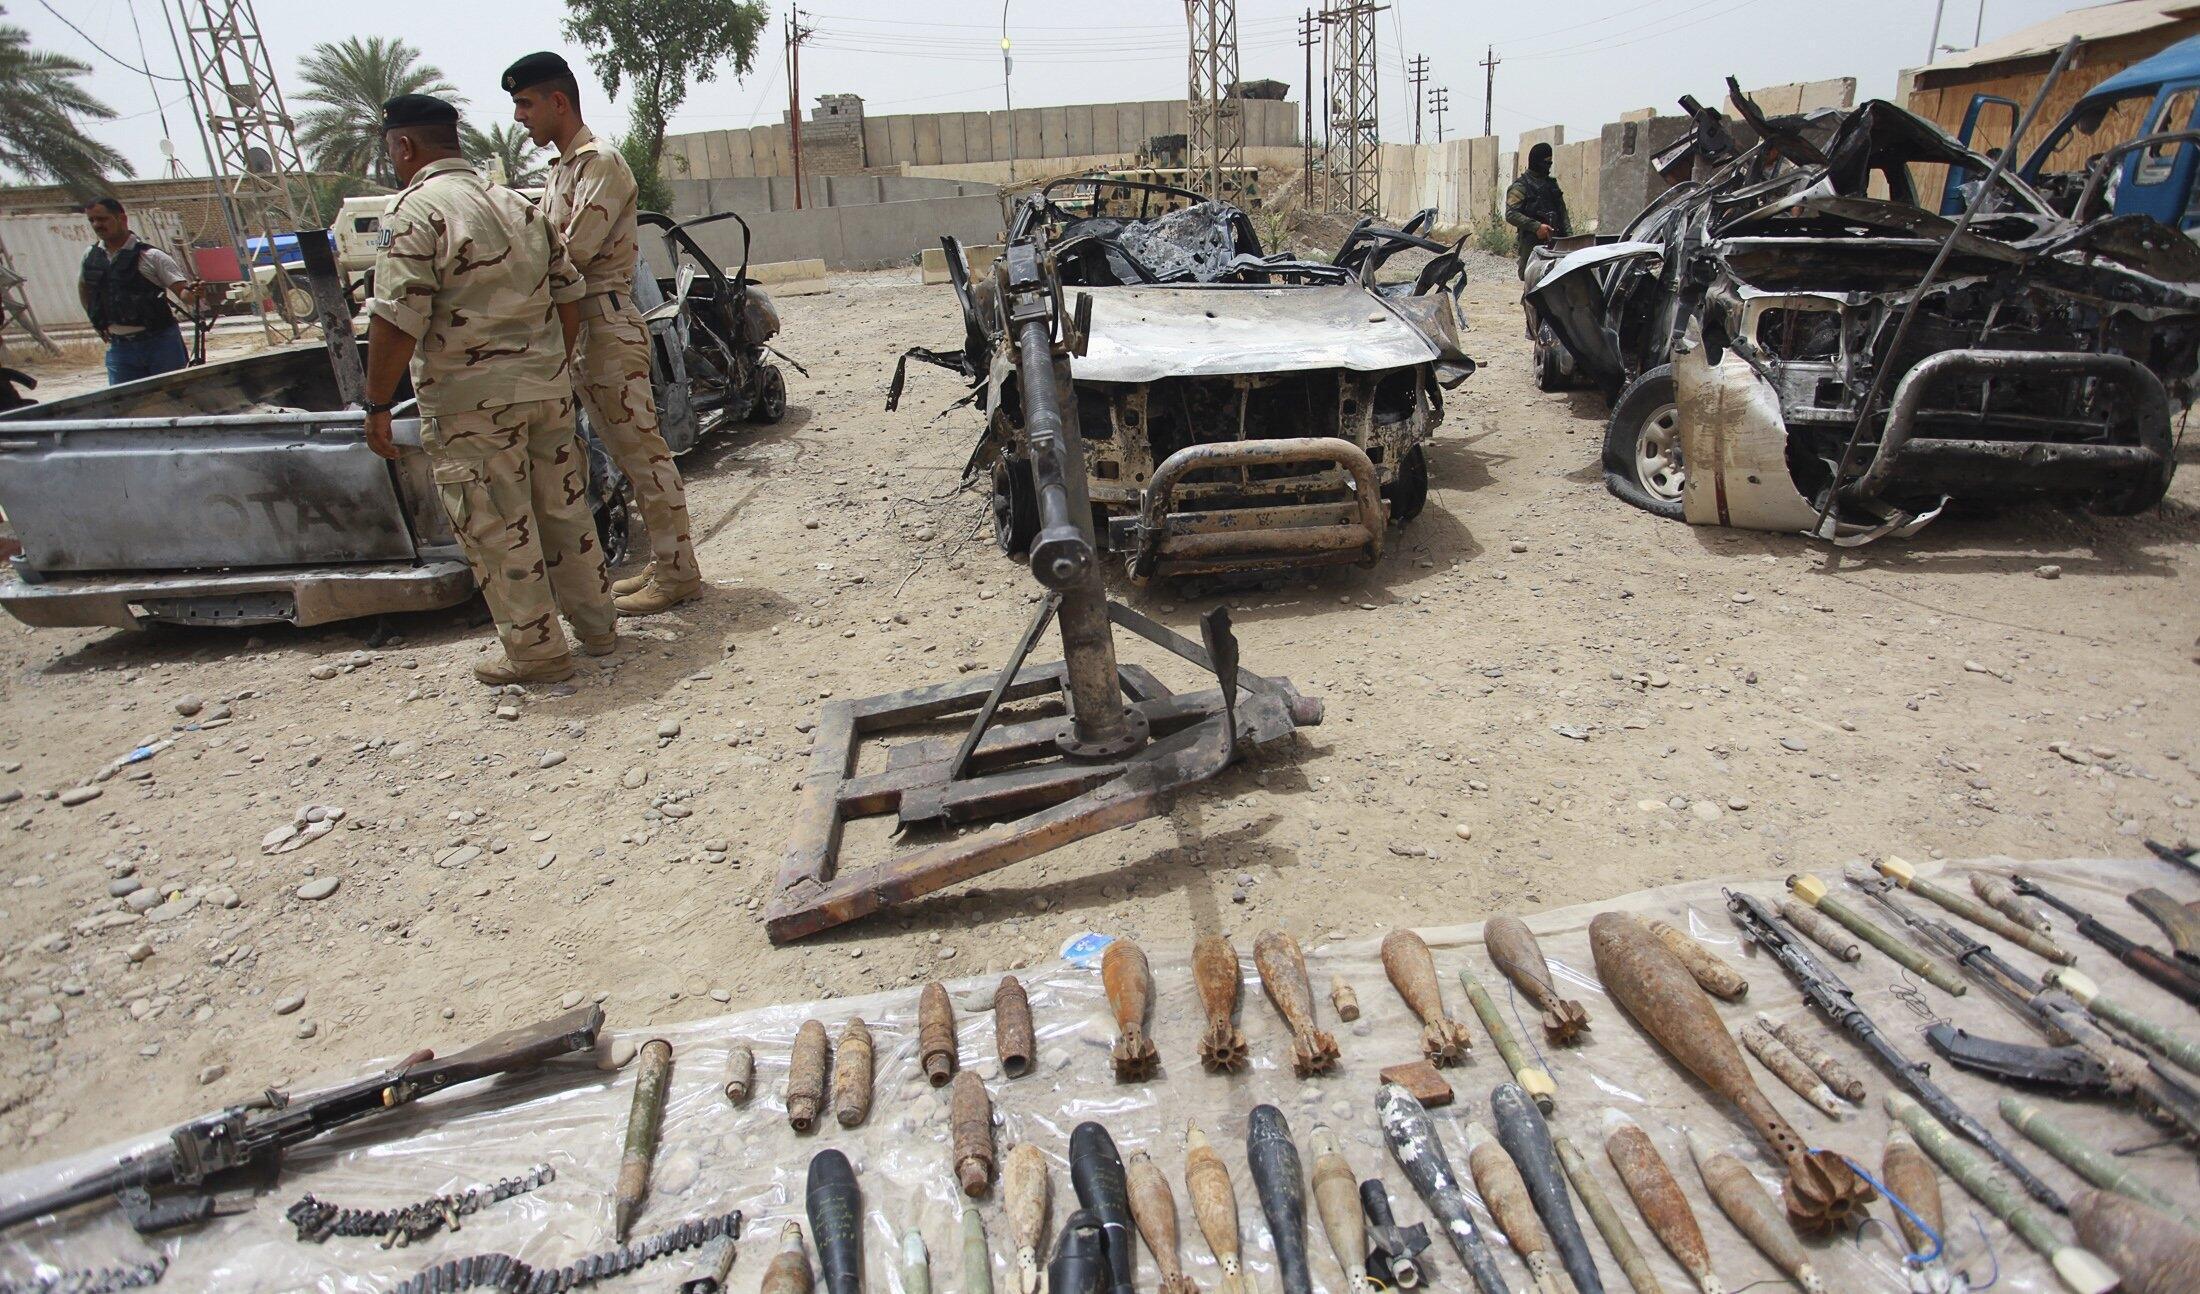 Автомобили и оружие, конфискованные у боевиков Исламского государства Ирака и Леванта в Самарре 06/06/2014